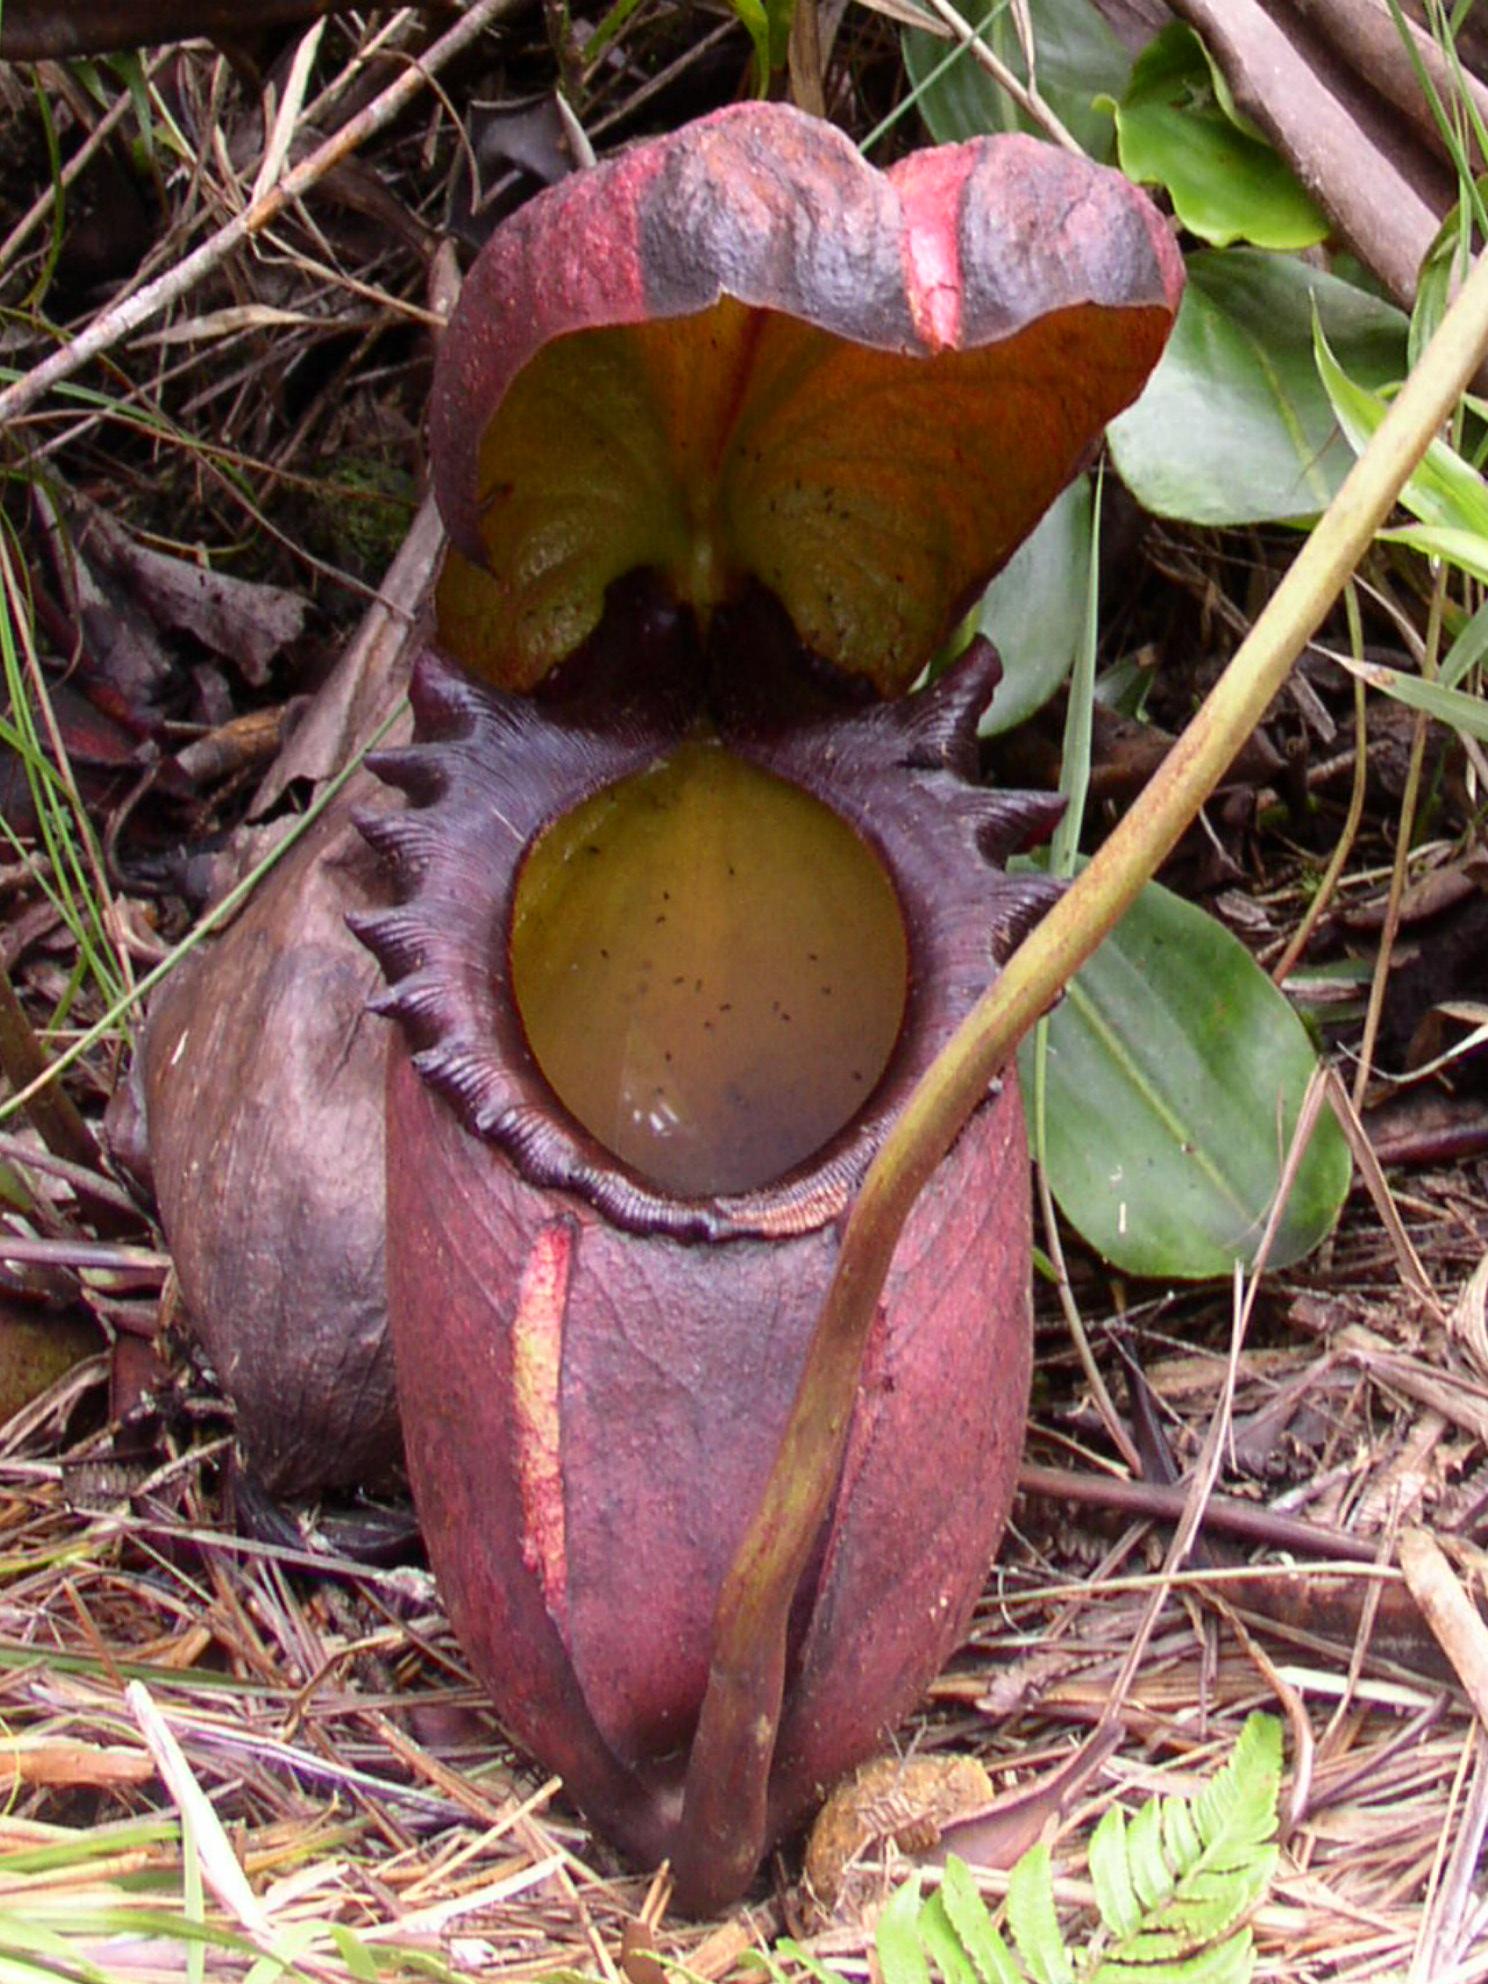 ウツボカズラやハエトリグサなど10種類の肉食植物を育成するキット - GIGAZINE